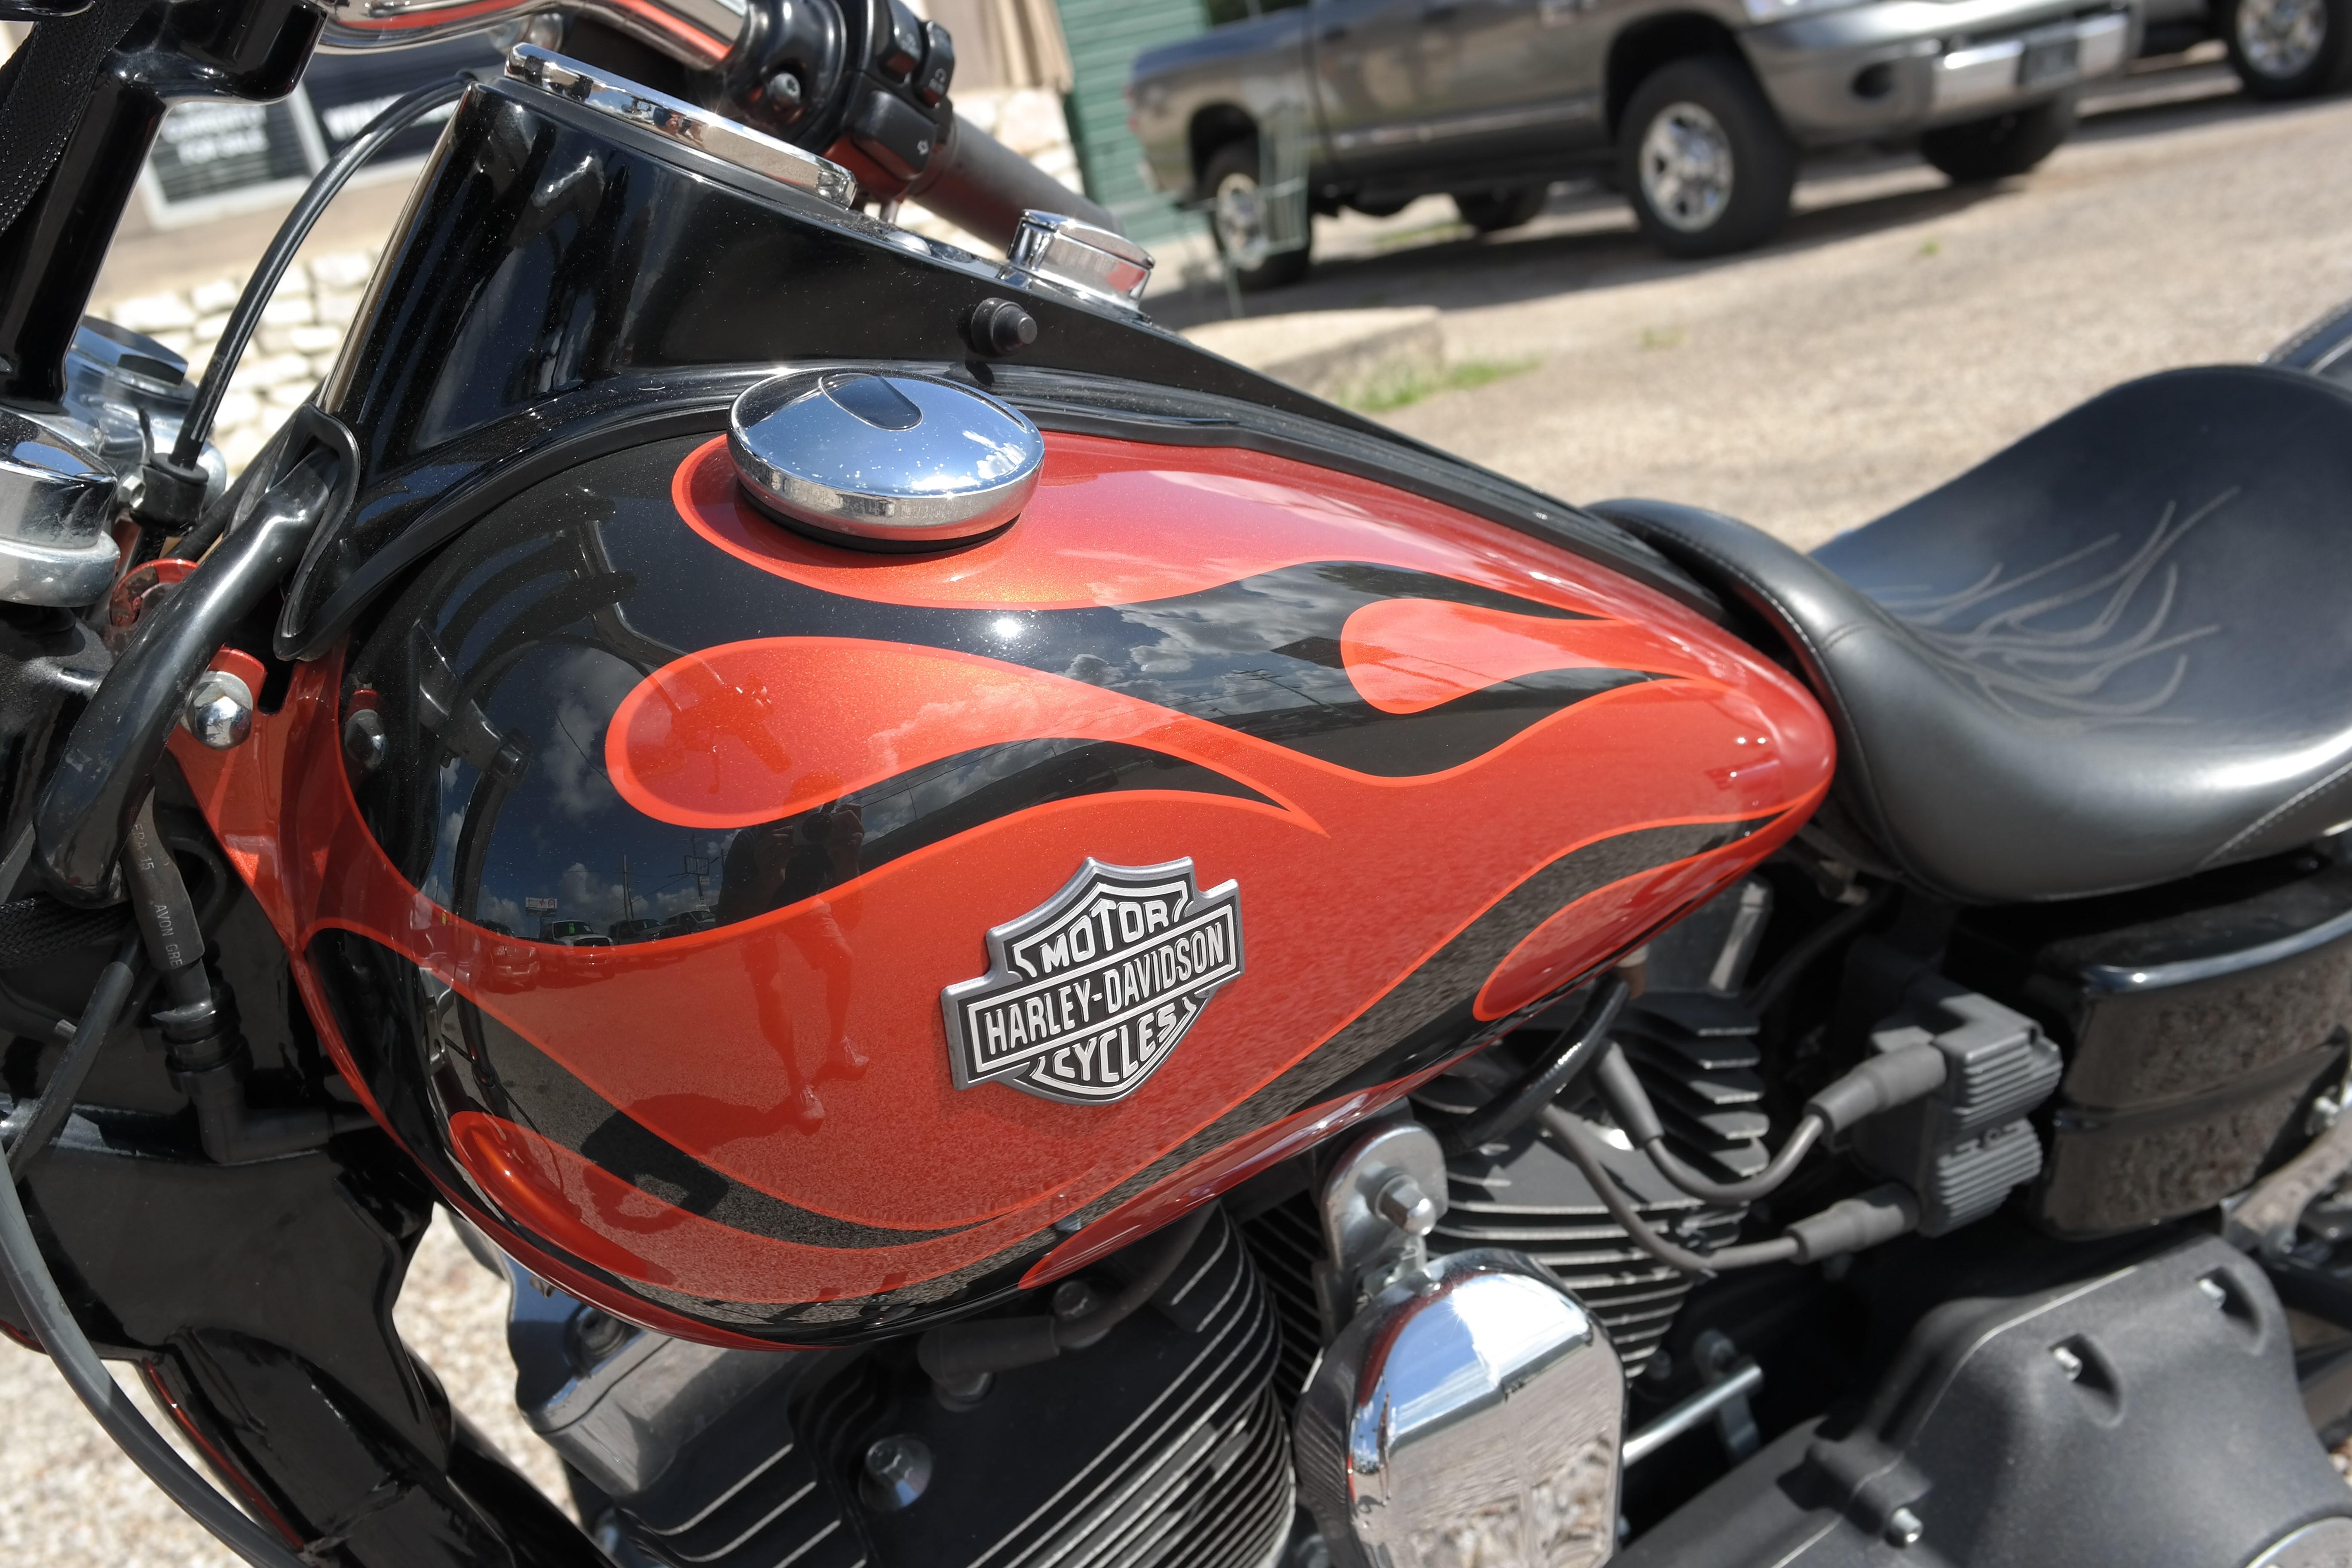 Harley Davidson Dyna For Sale San Marcos Ca >> 2011 Harley-Davidson® FXDWG Dyna® Wide Glide® (Orange ...